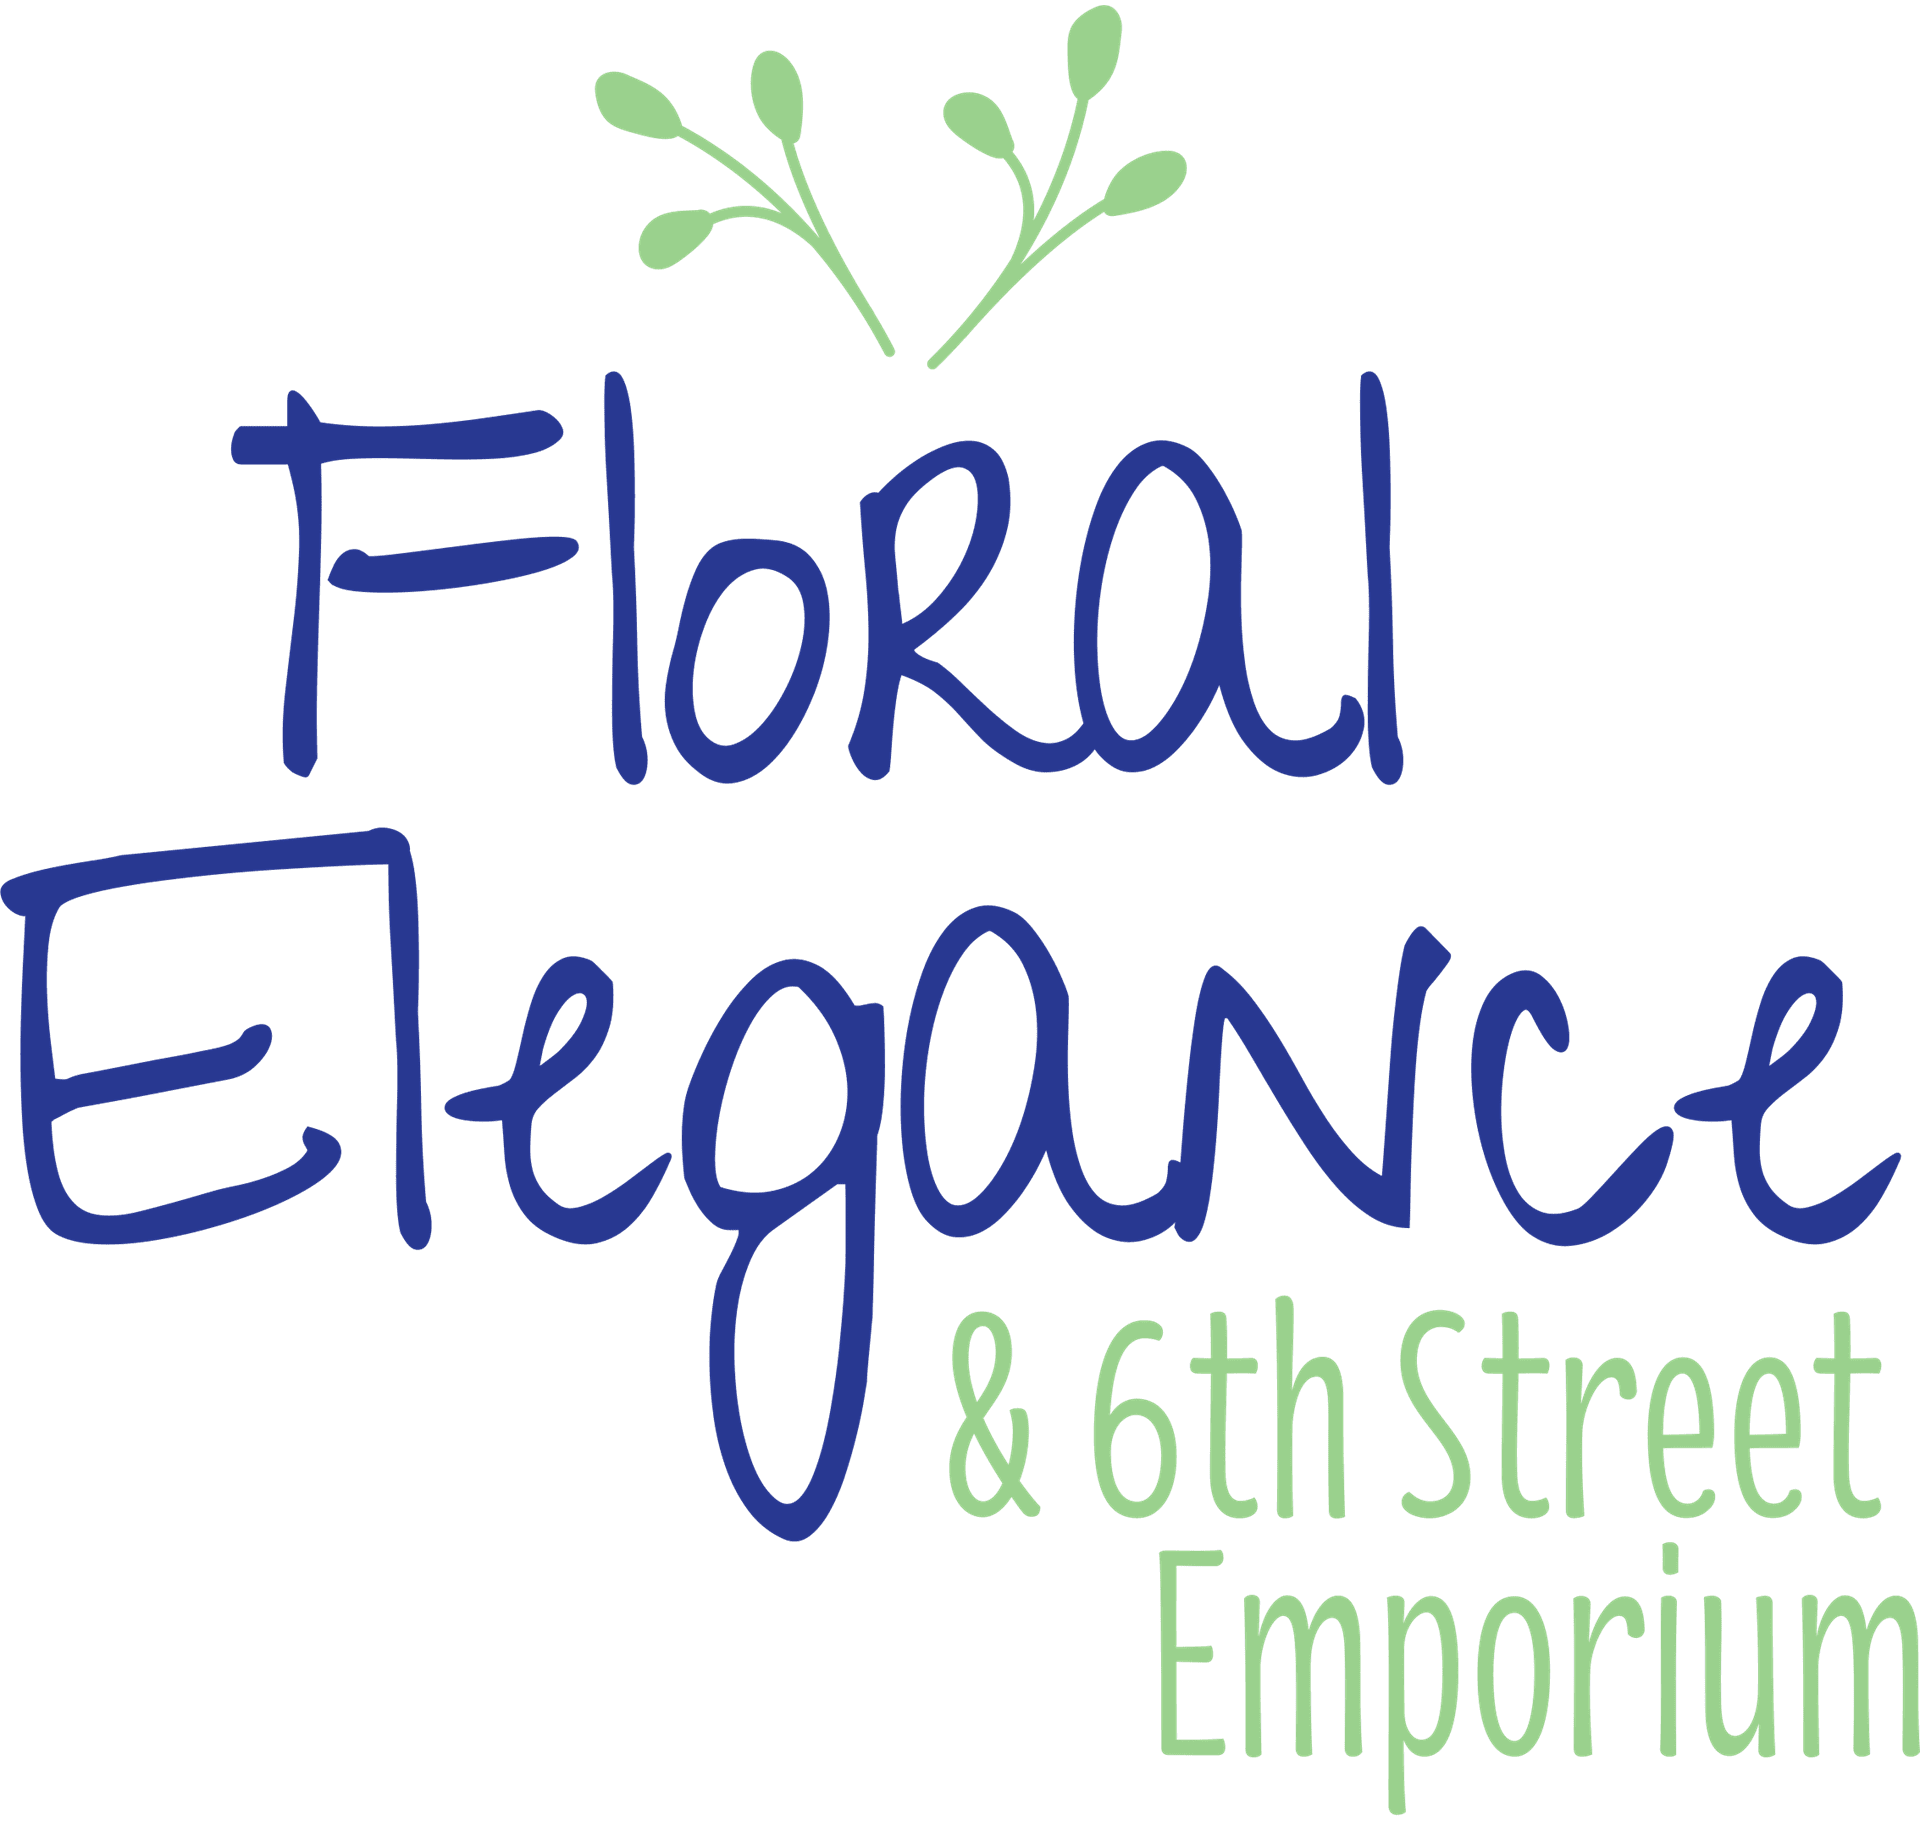 Floral Elegance & 6th Street Emporium